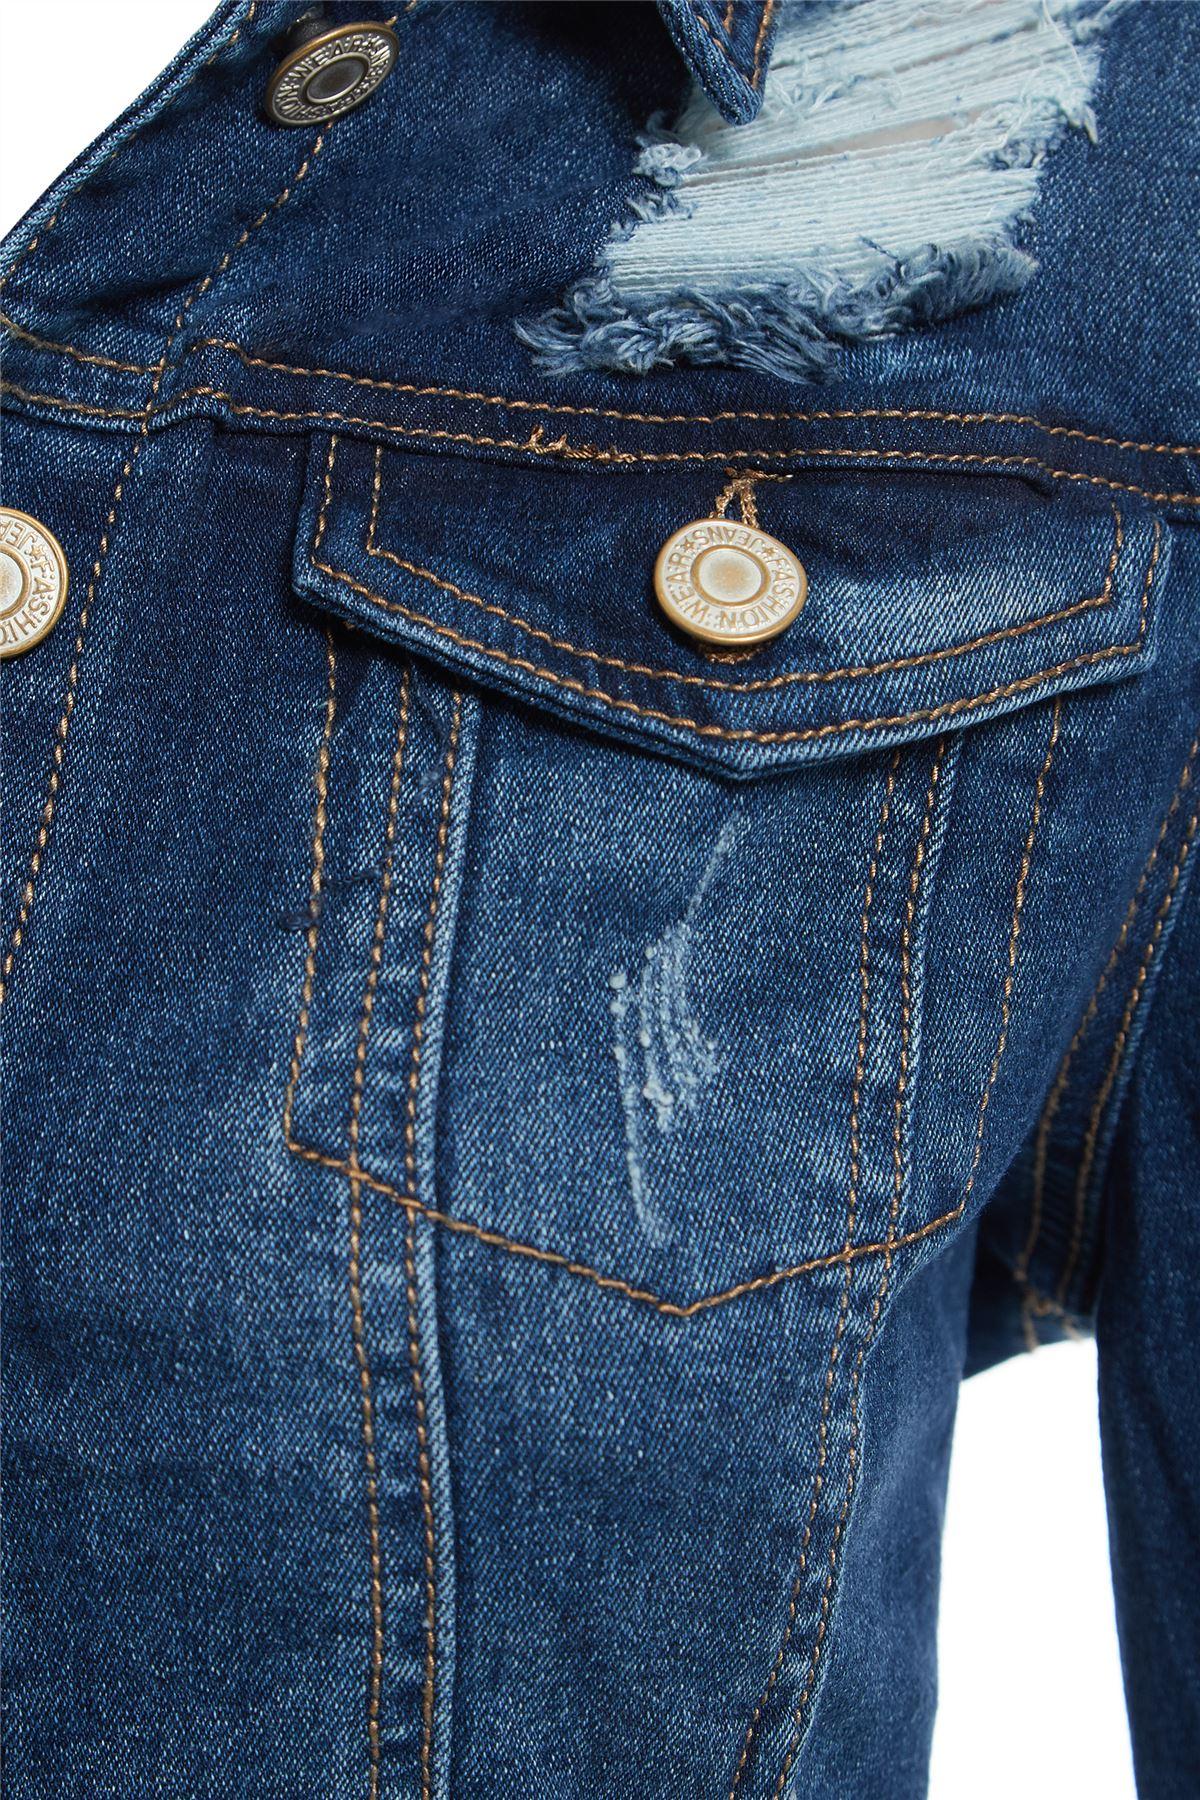 Haut-femme-a-manches-longues-denim-Celeb-detresse-dechire-Veste-Taille-8-14 miniature 4